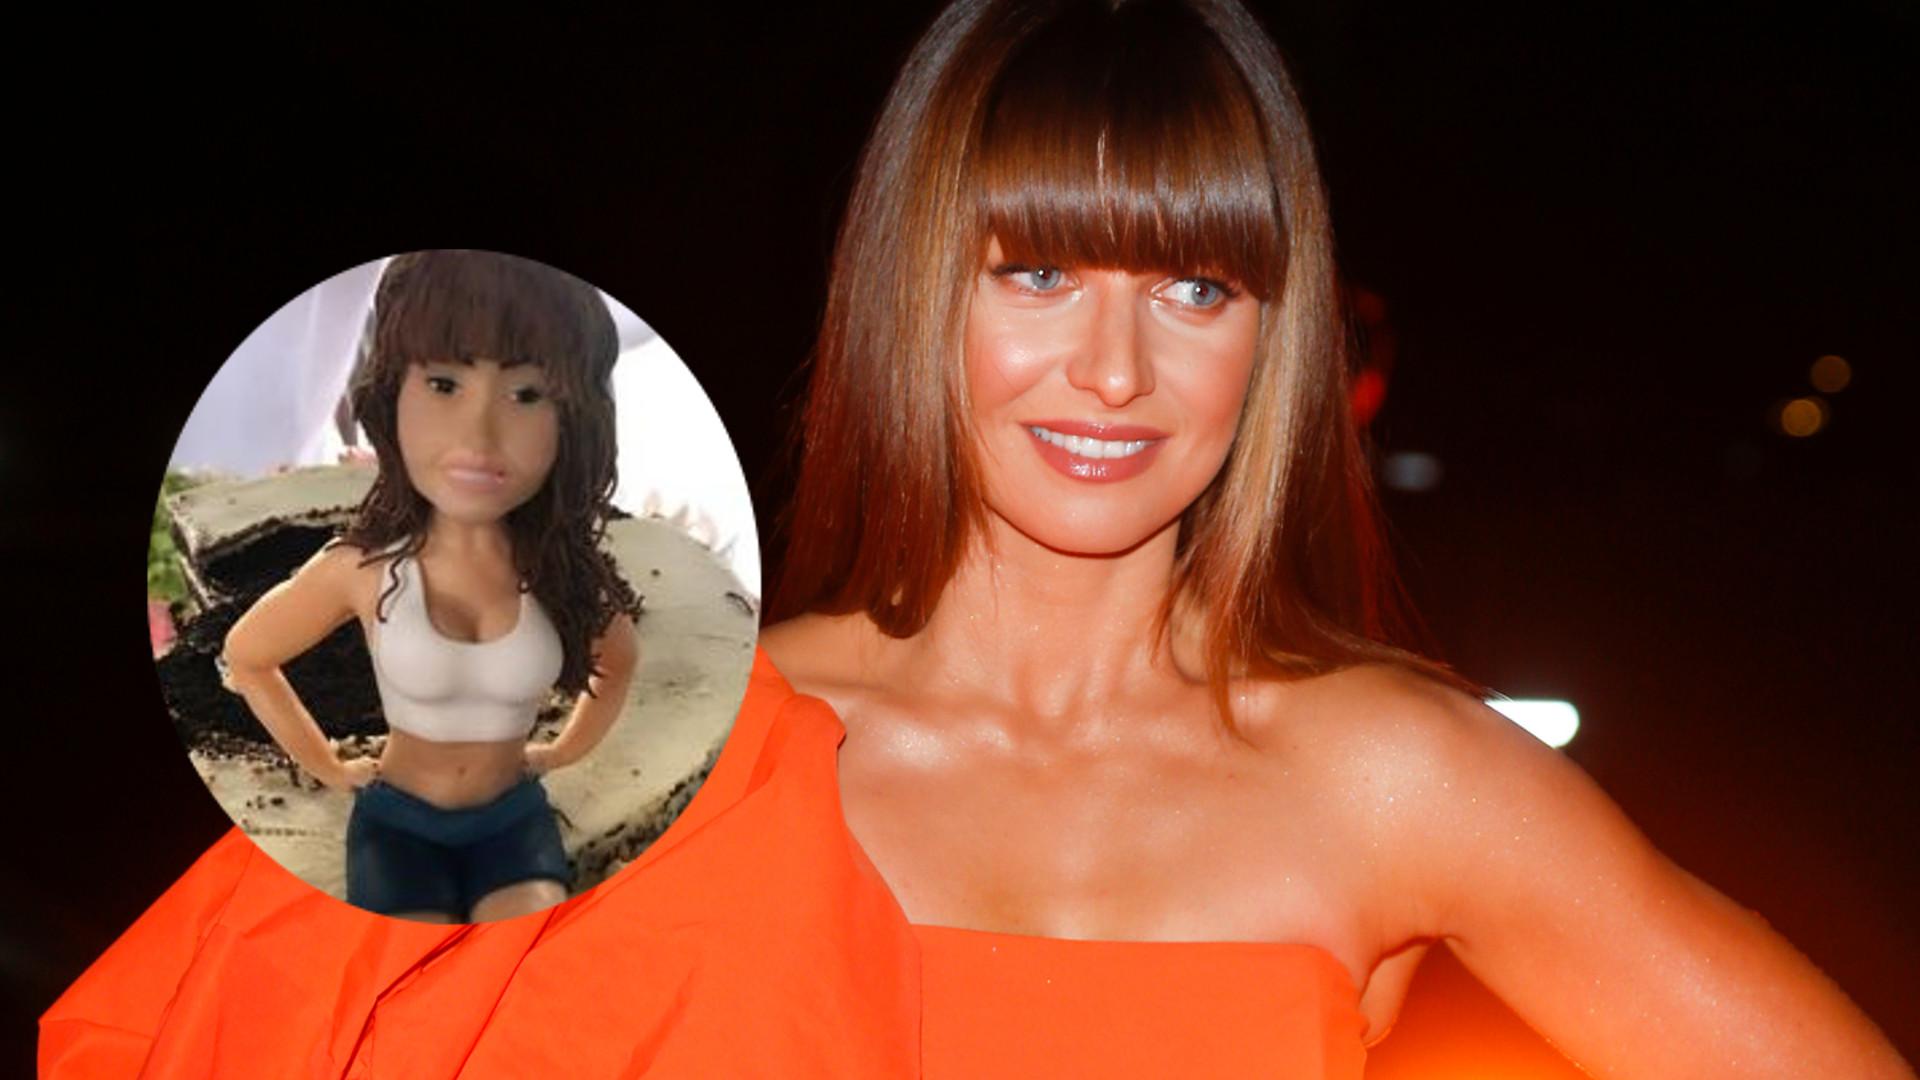 Anna Lewandowska dostała tort urodzinowy z figurką… Anny Lewandowskiej (ZDJĘCIA)